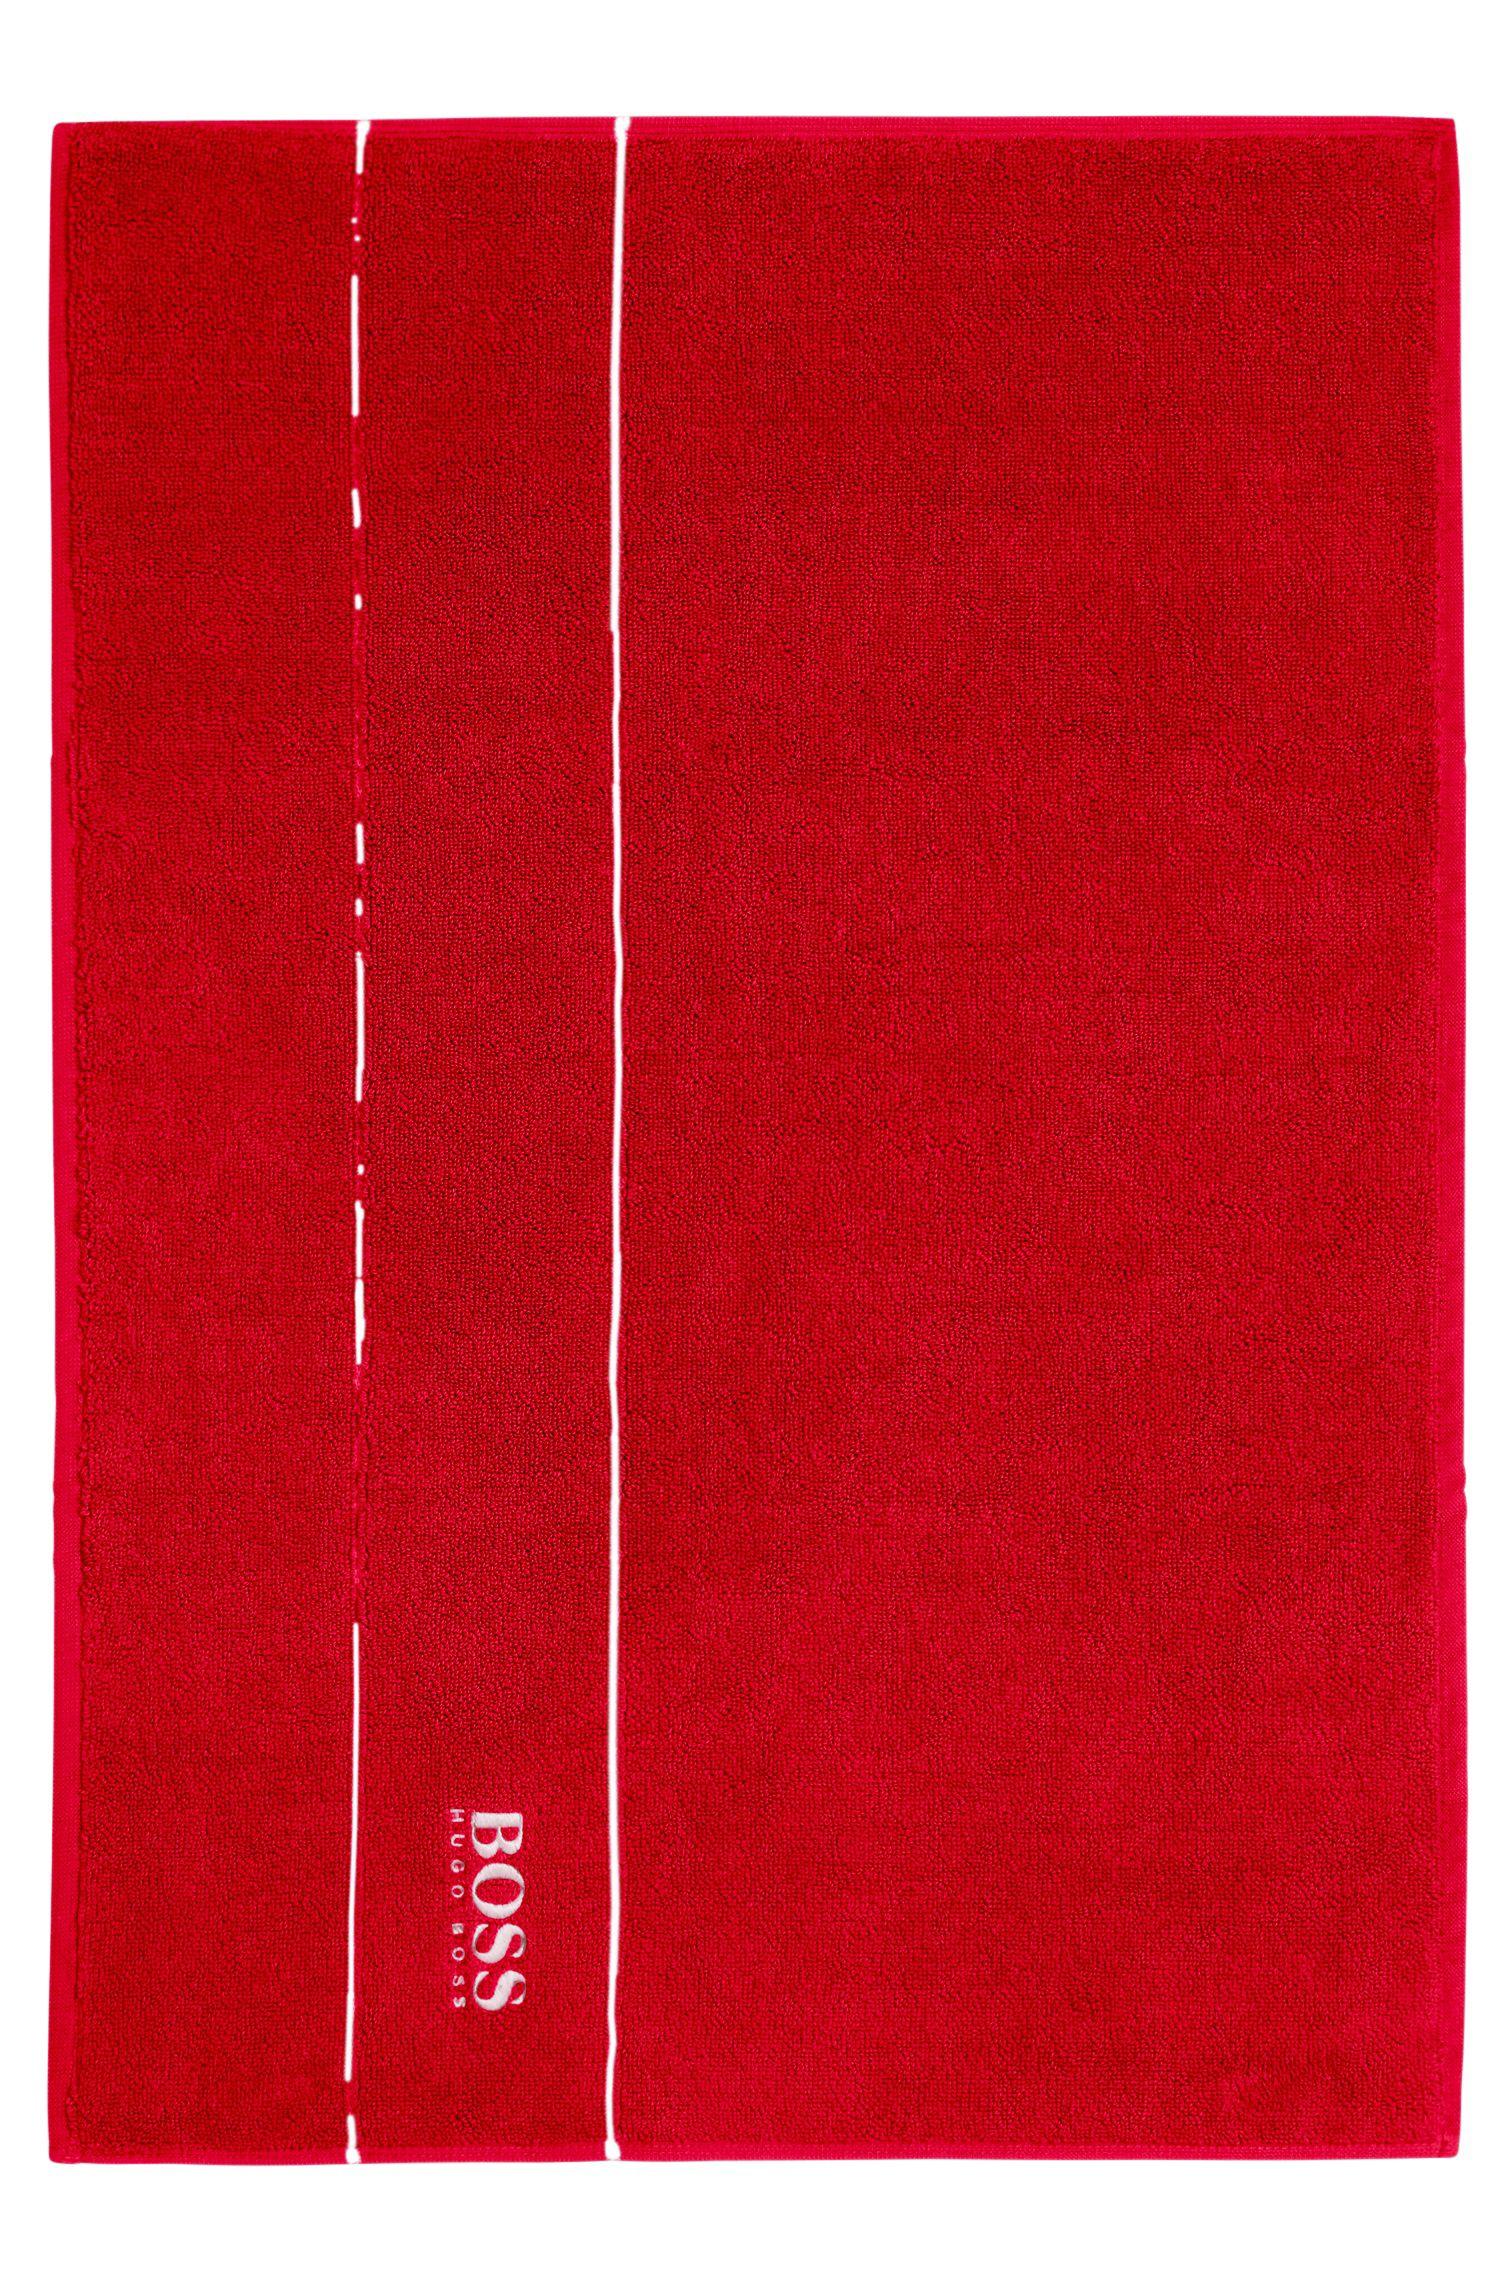 Badmat van de fijnste Egyptische katoen met rand met logo